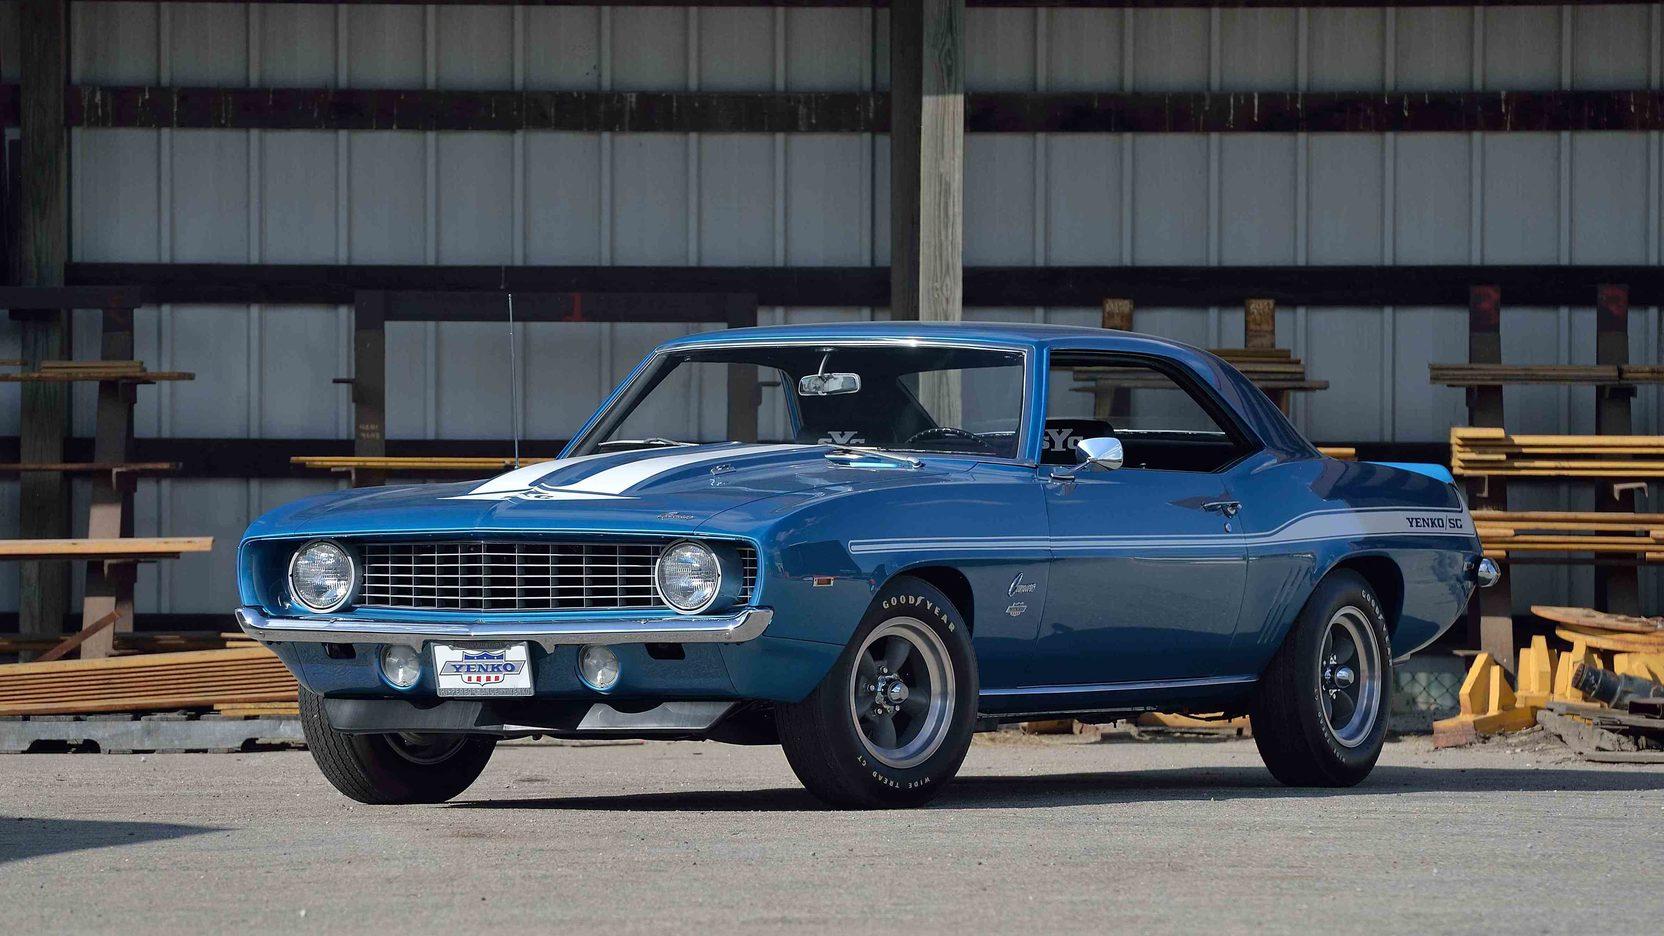 1969 Yenko Chevrolet Camaro Front 3/4